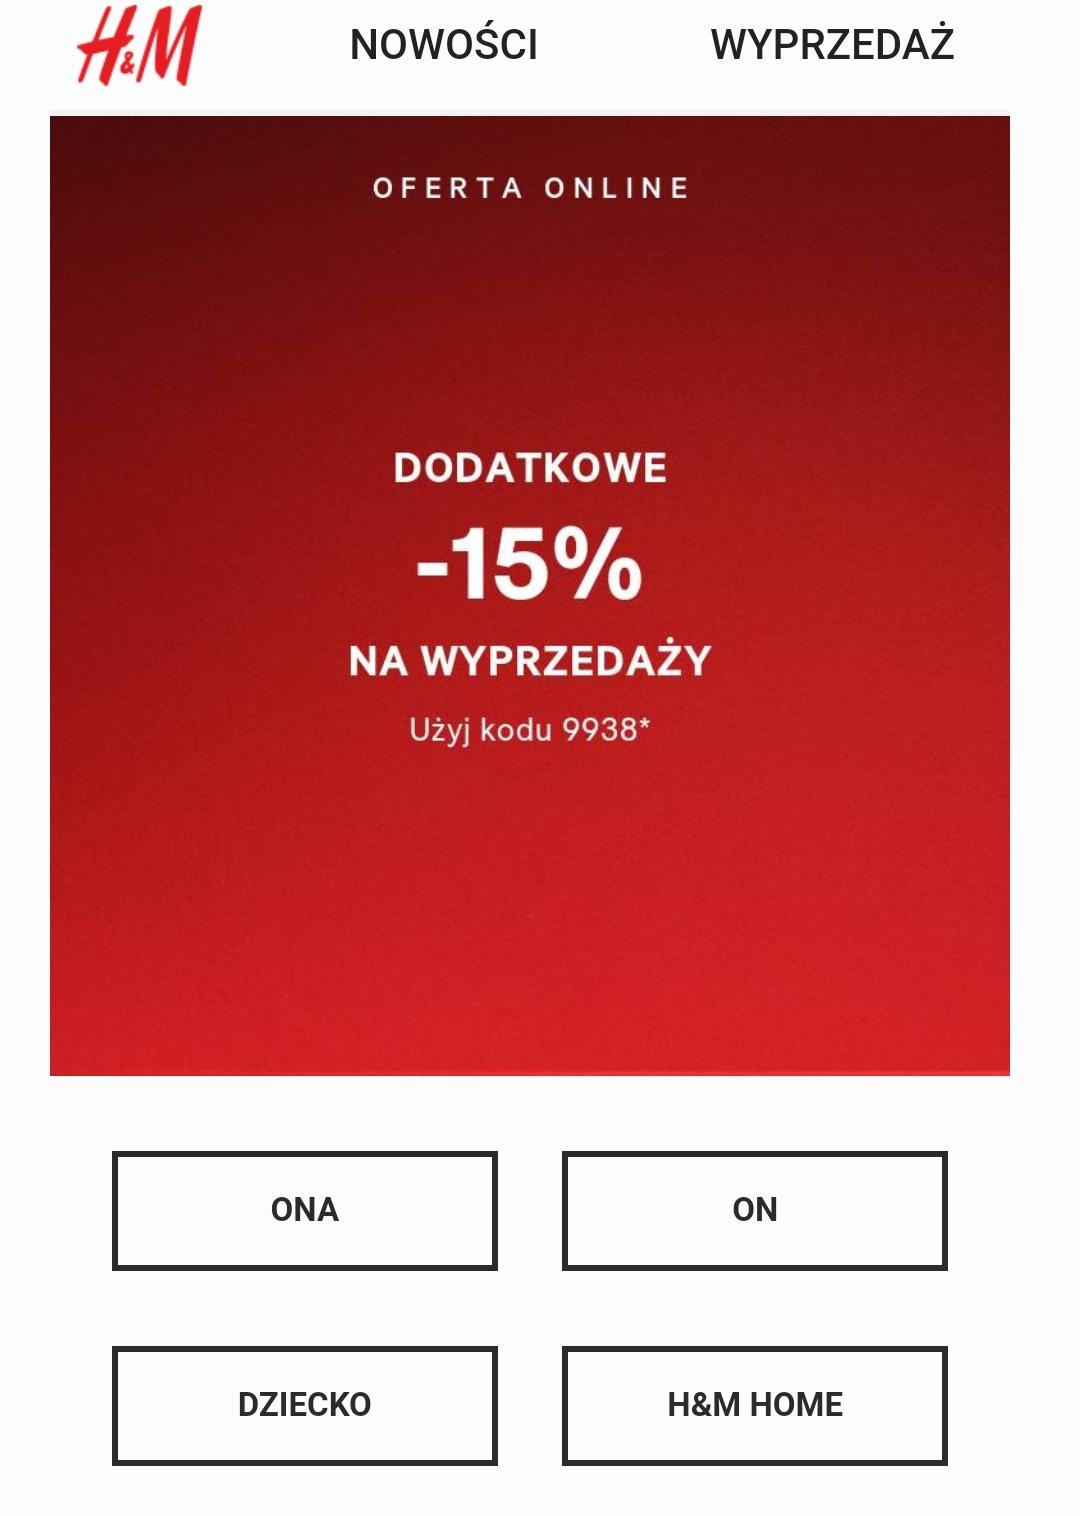 H&M Dodatkowe -15% na wyprzedaż online